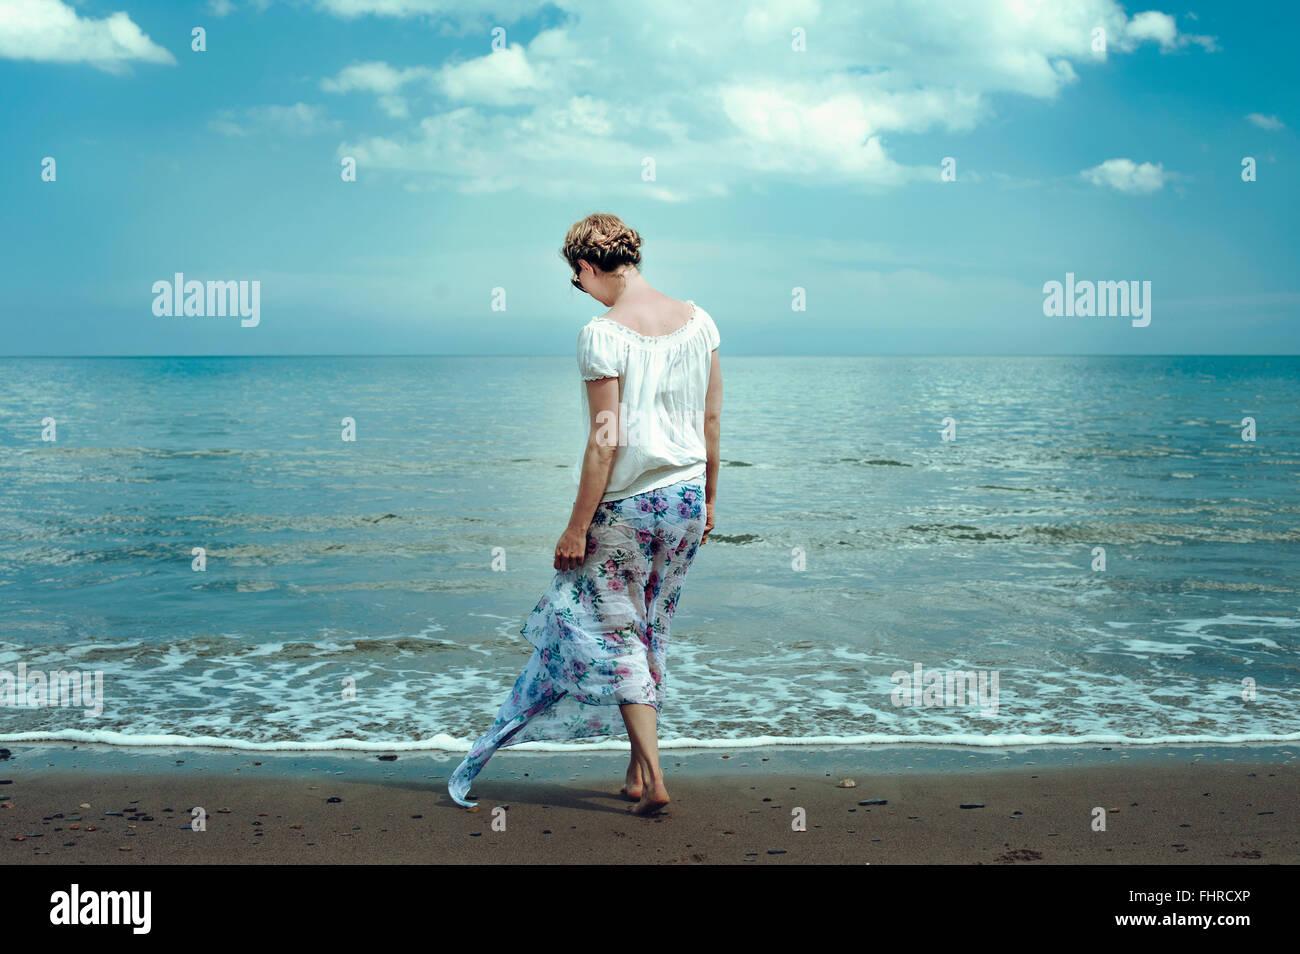 Mujer joven caminar en la playa Imagen De Stock